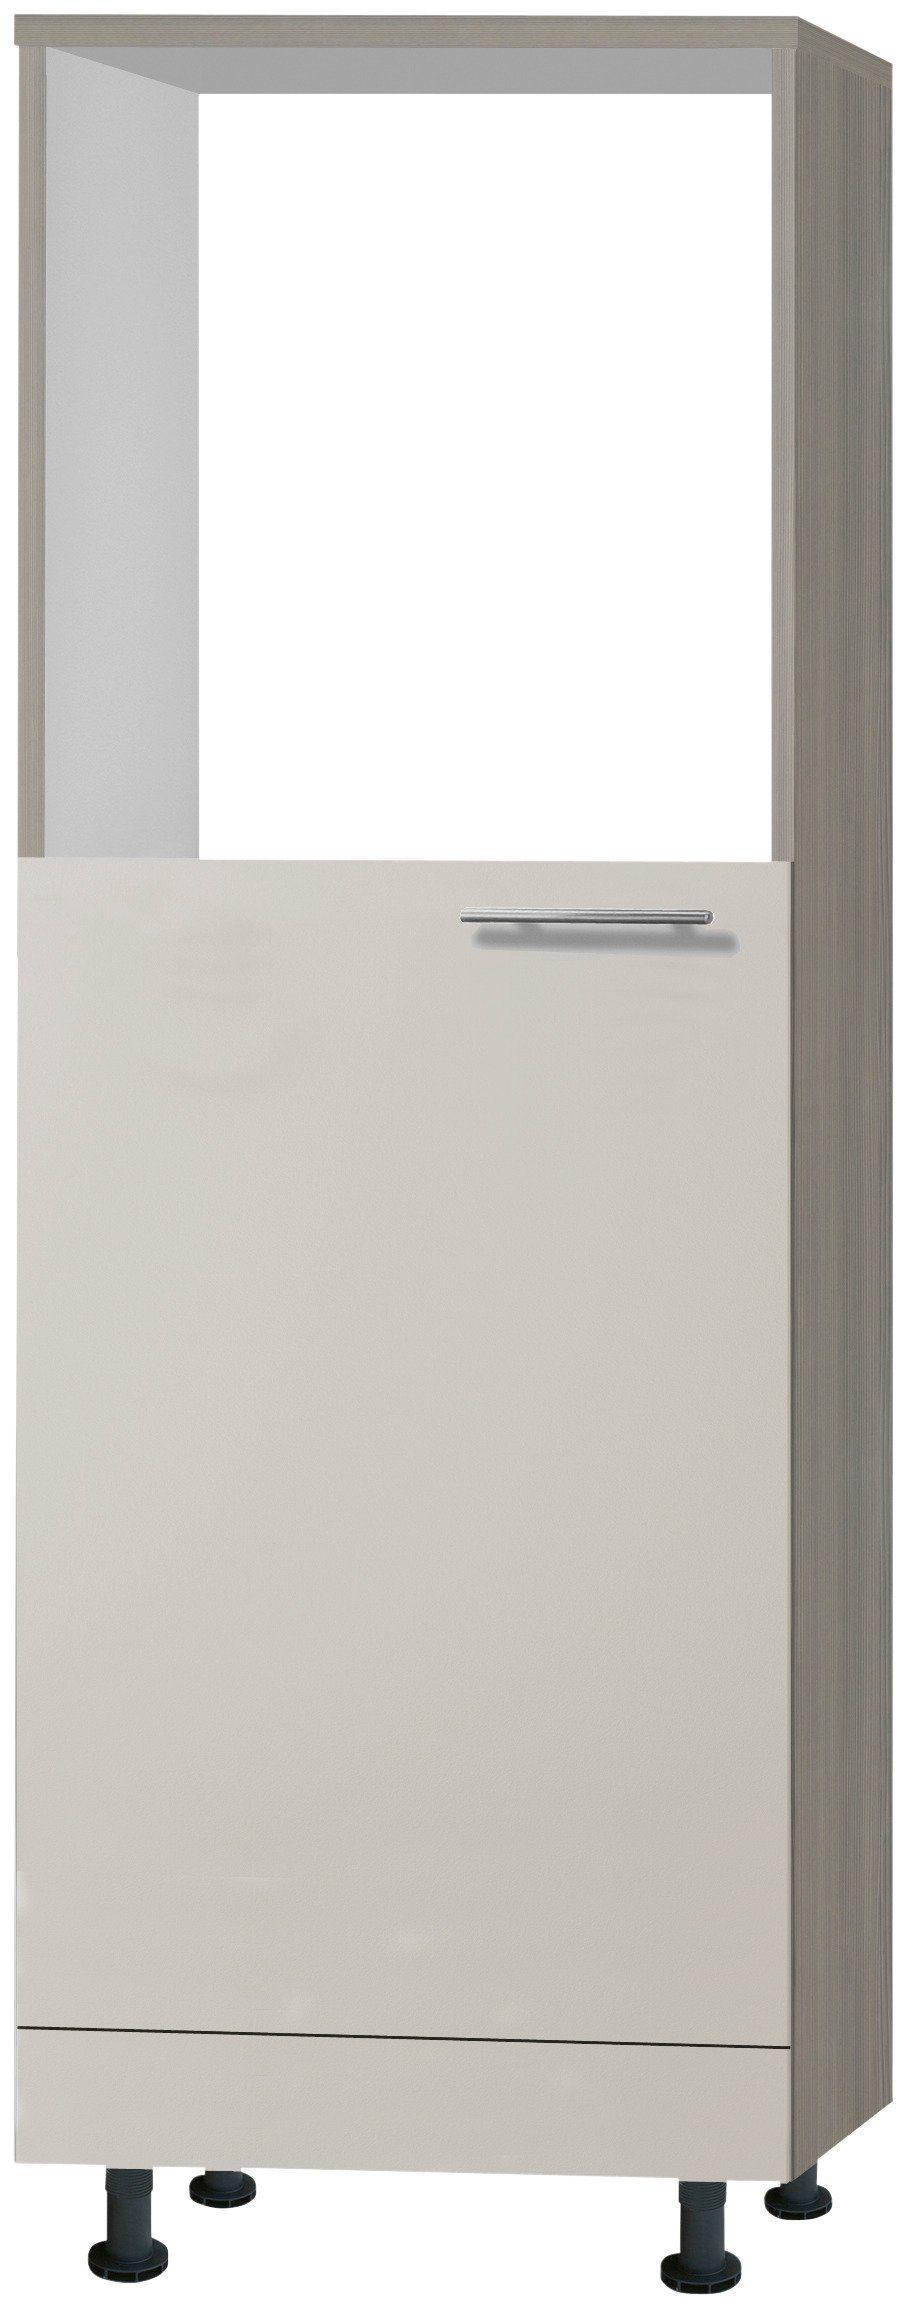 OPTIFIT Kombinierter Backofen-Kühlumbauschrank »Finn, Höhe 165 cm«